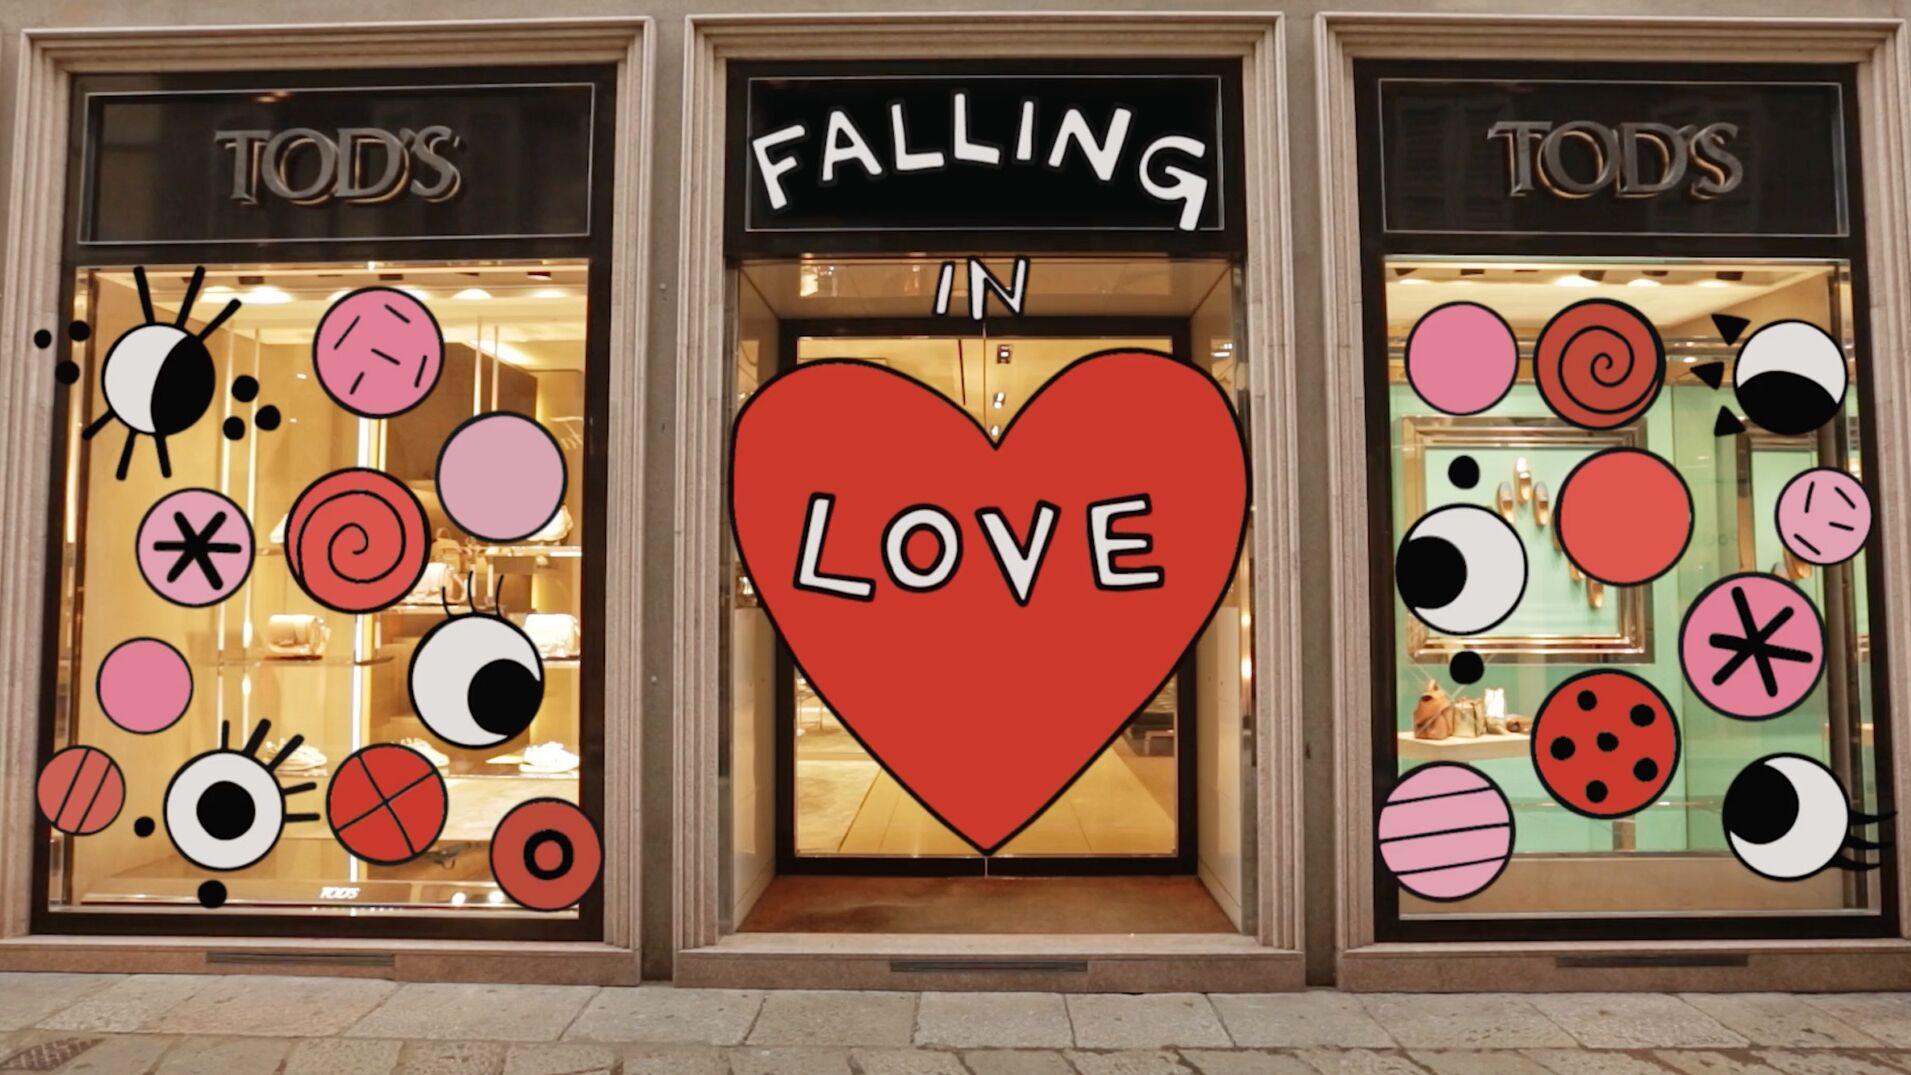 Tods Falling in Love uai